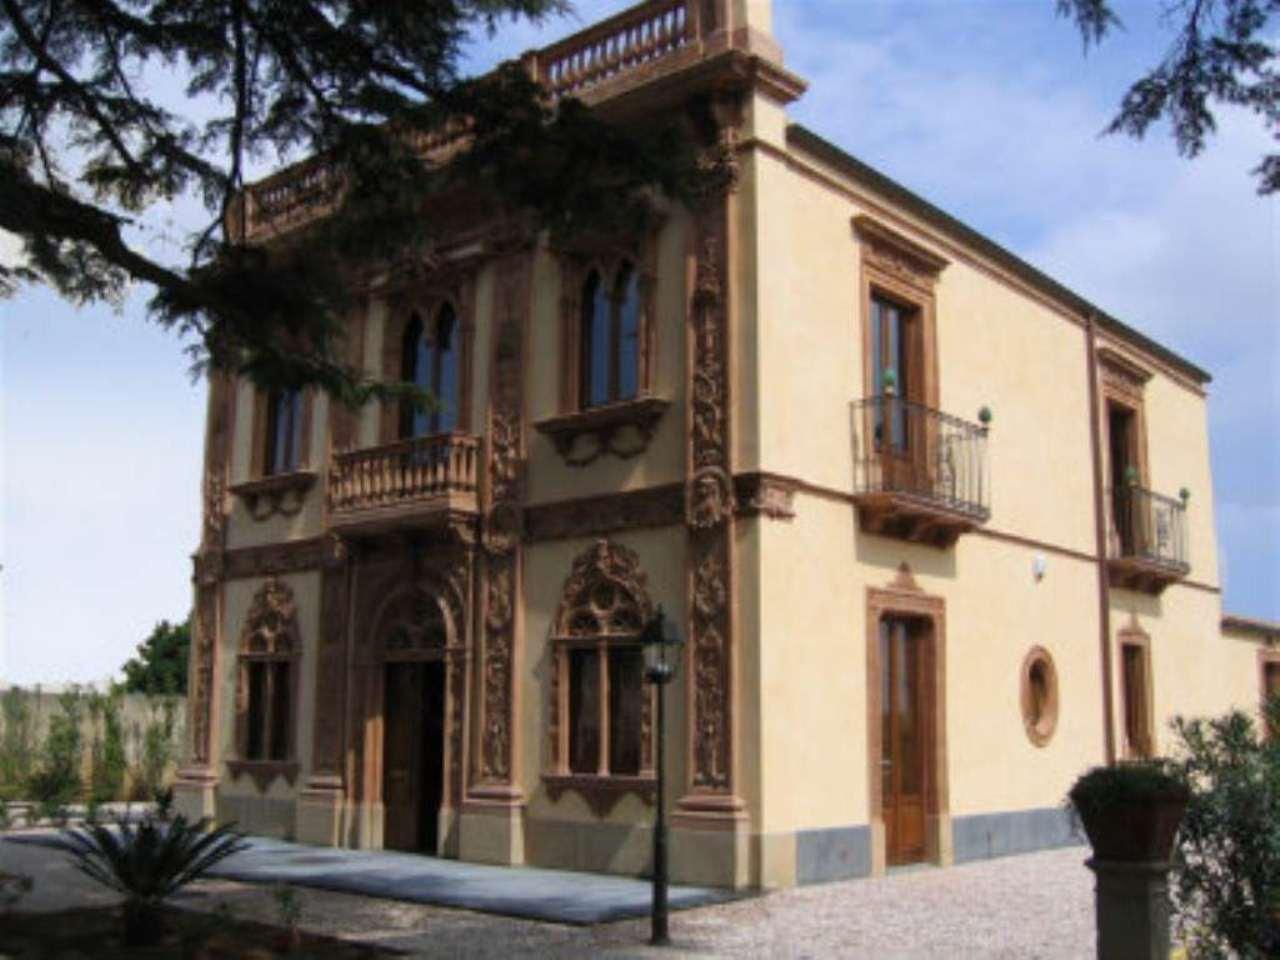 Case in affitto e vendita a catania for Case in stile villa italiana